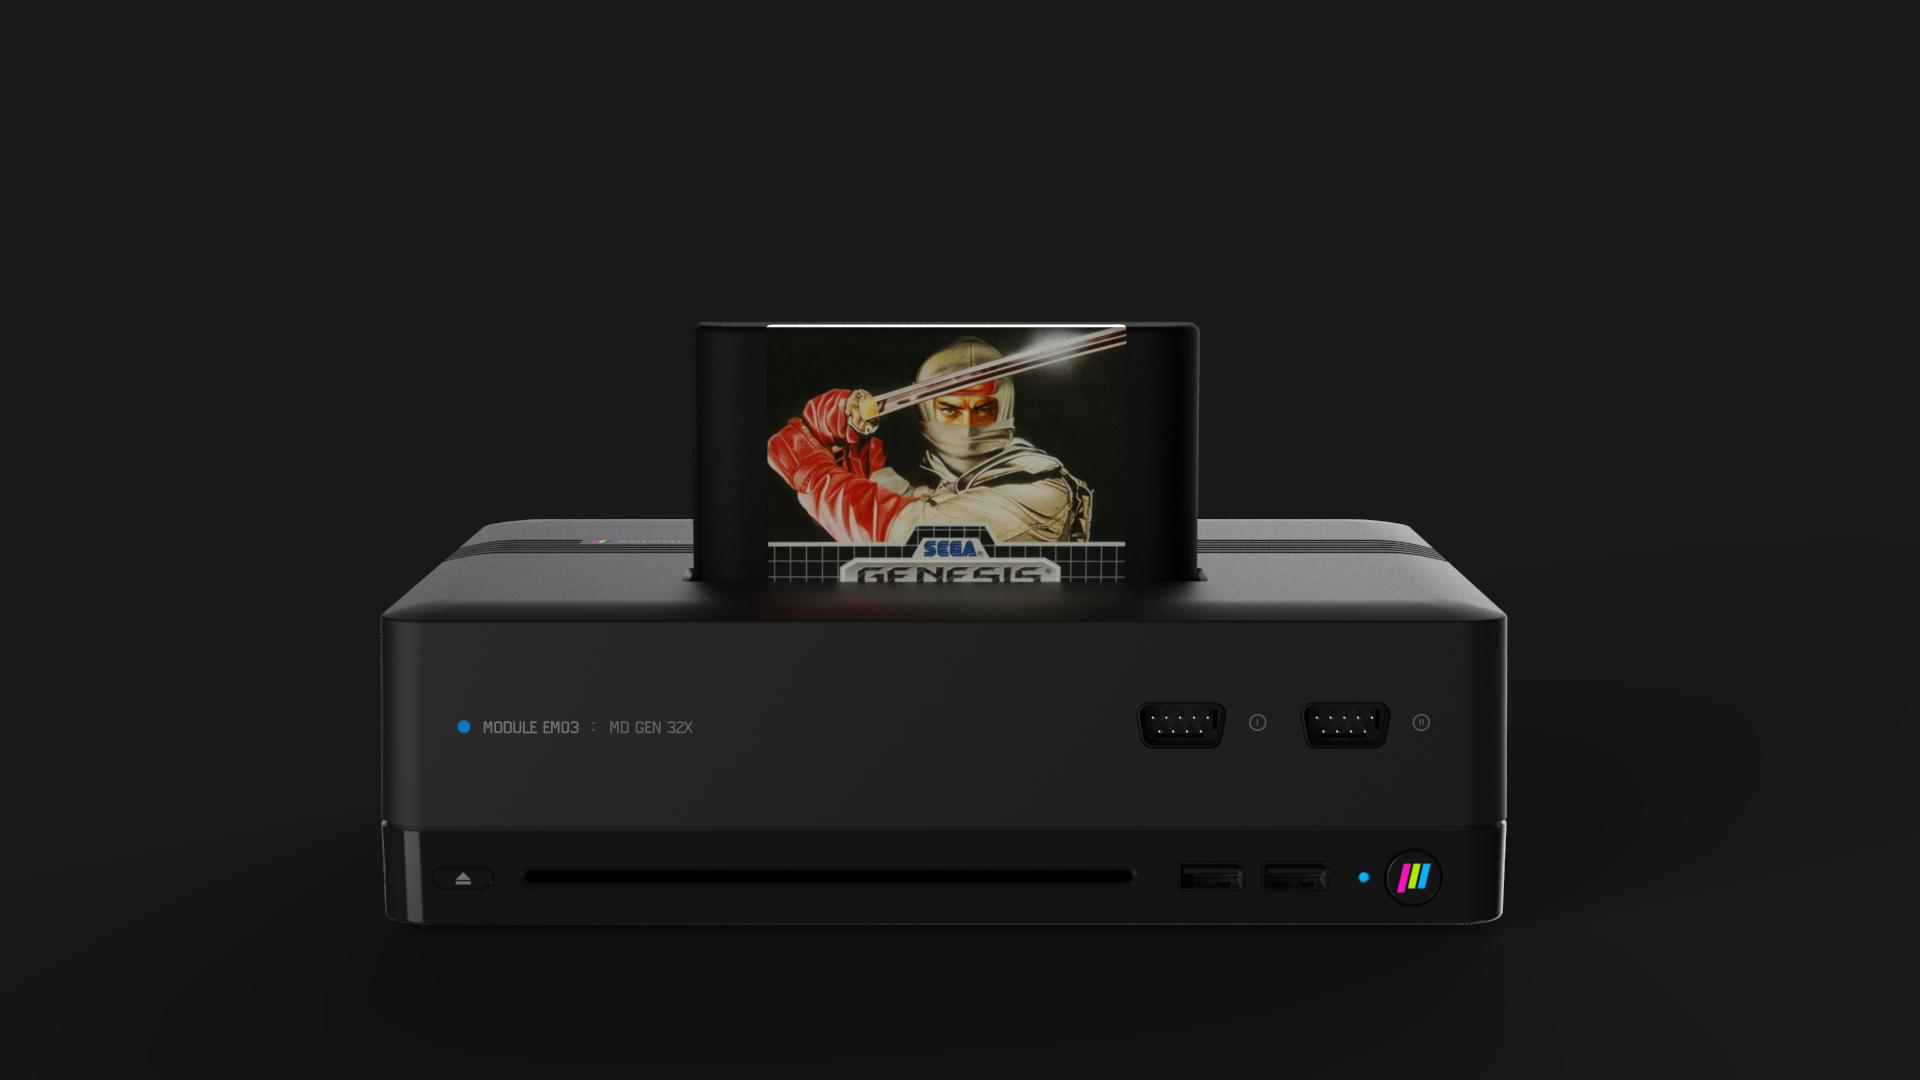 polymega sega 2 - Nowa konsola Polymega ze wsparciem m.in. dla PlayStation oraz Sega Saturn